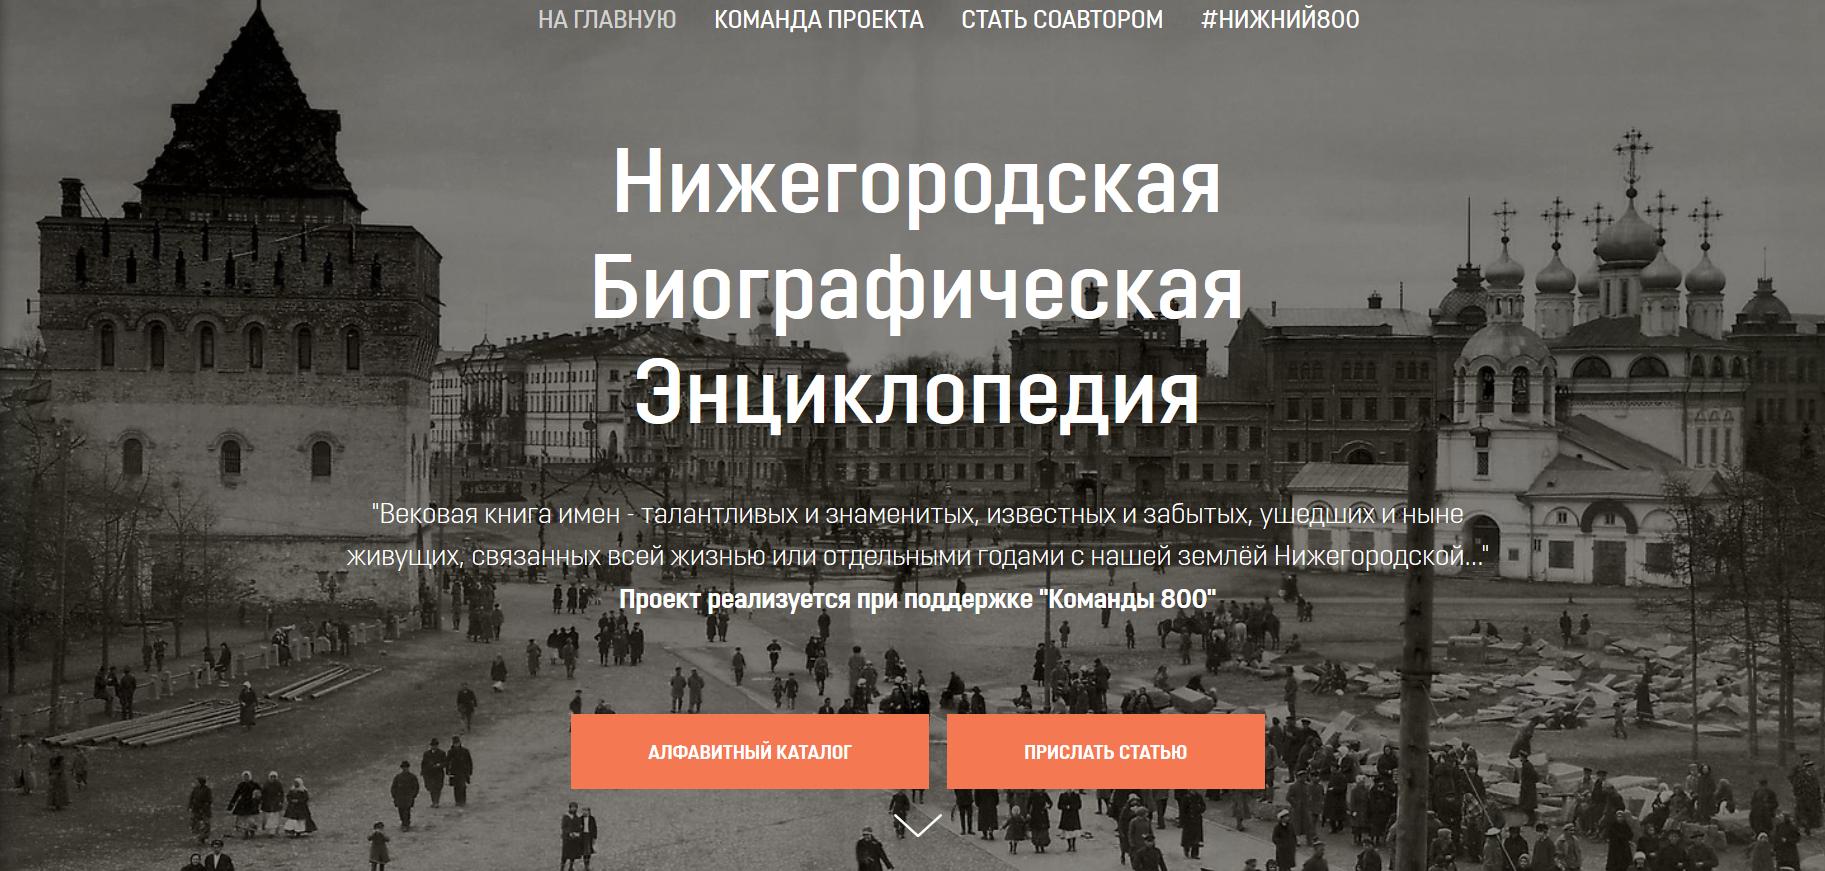 «Нижегородская биографическая энциклопедия» пополнится биографиями выдающихся нижегородцев